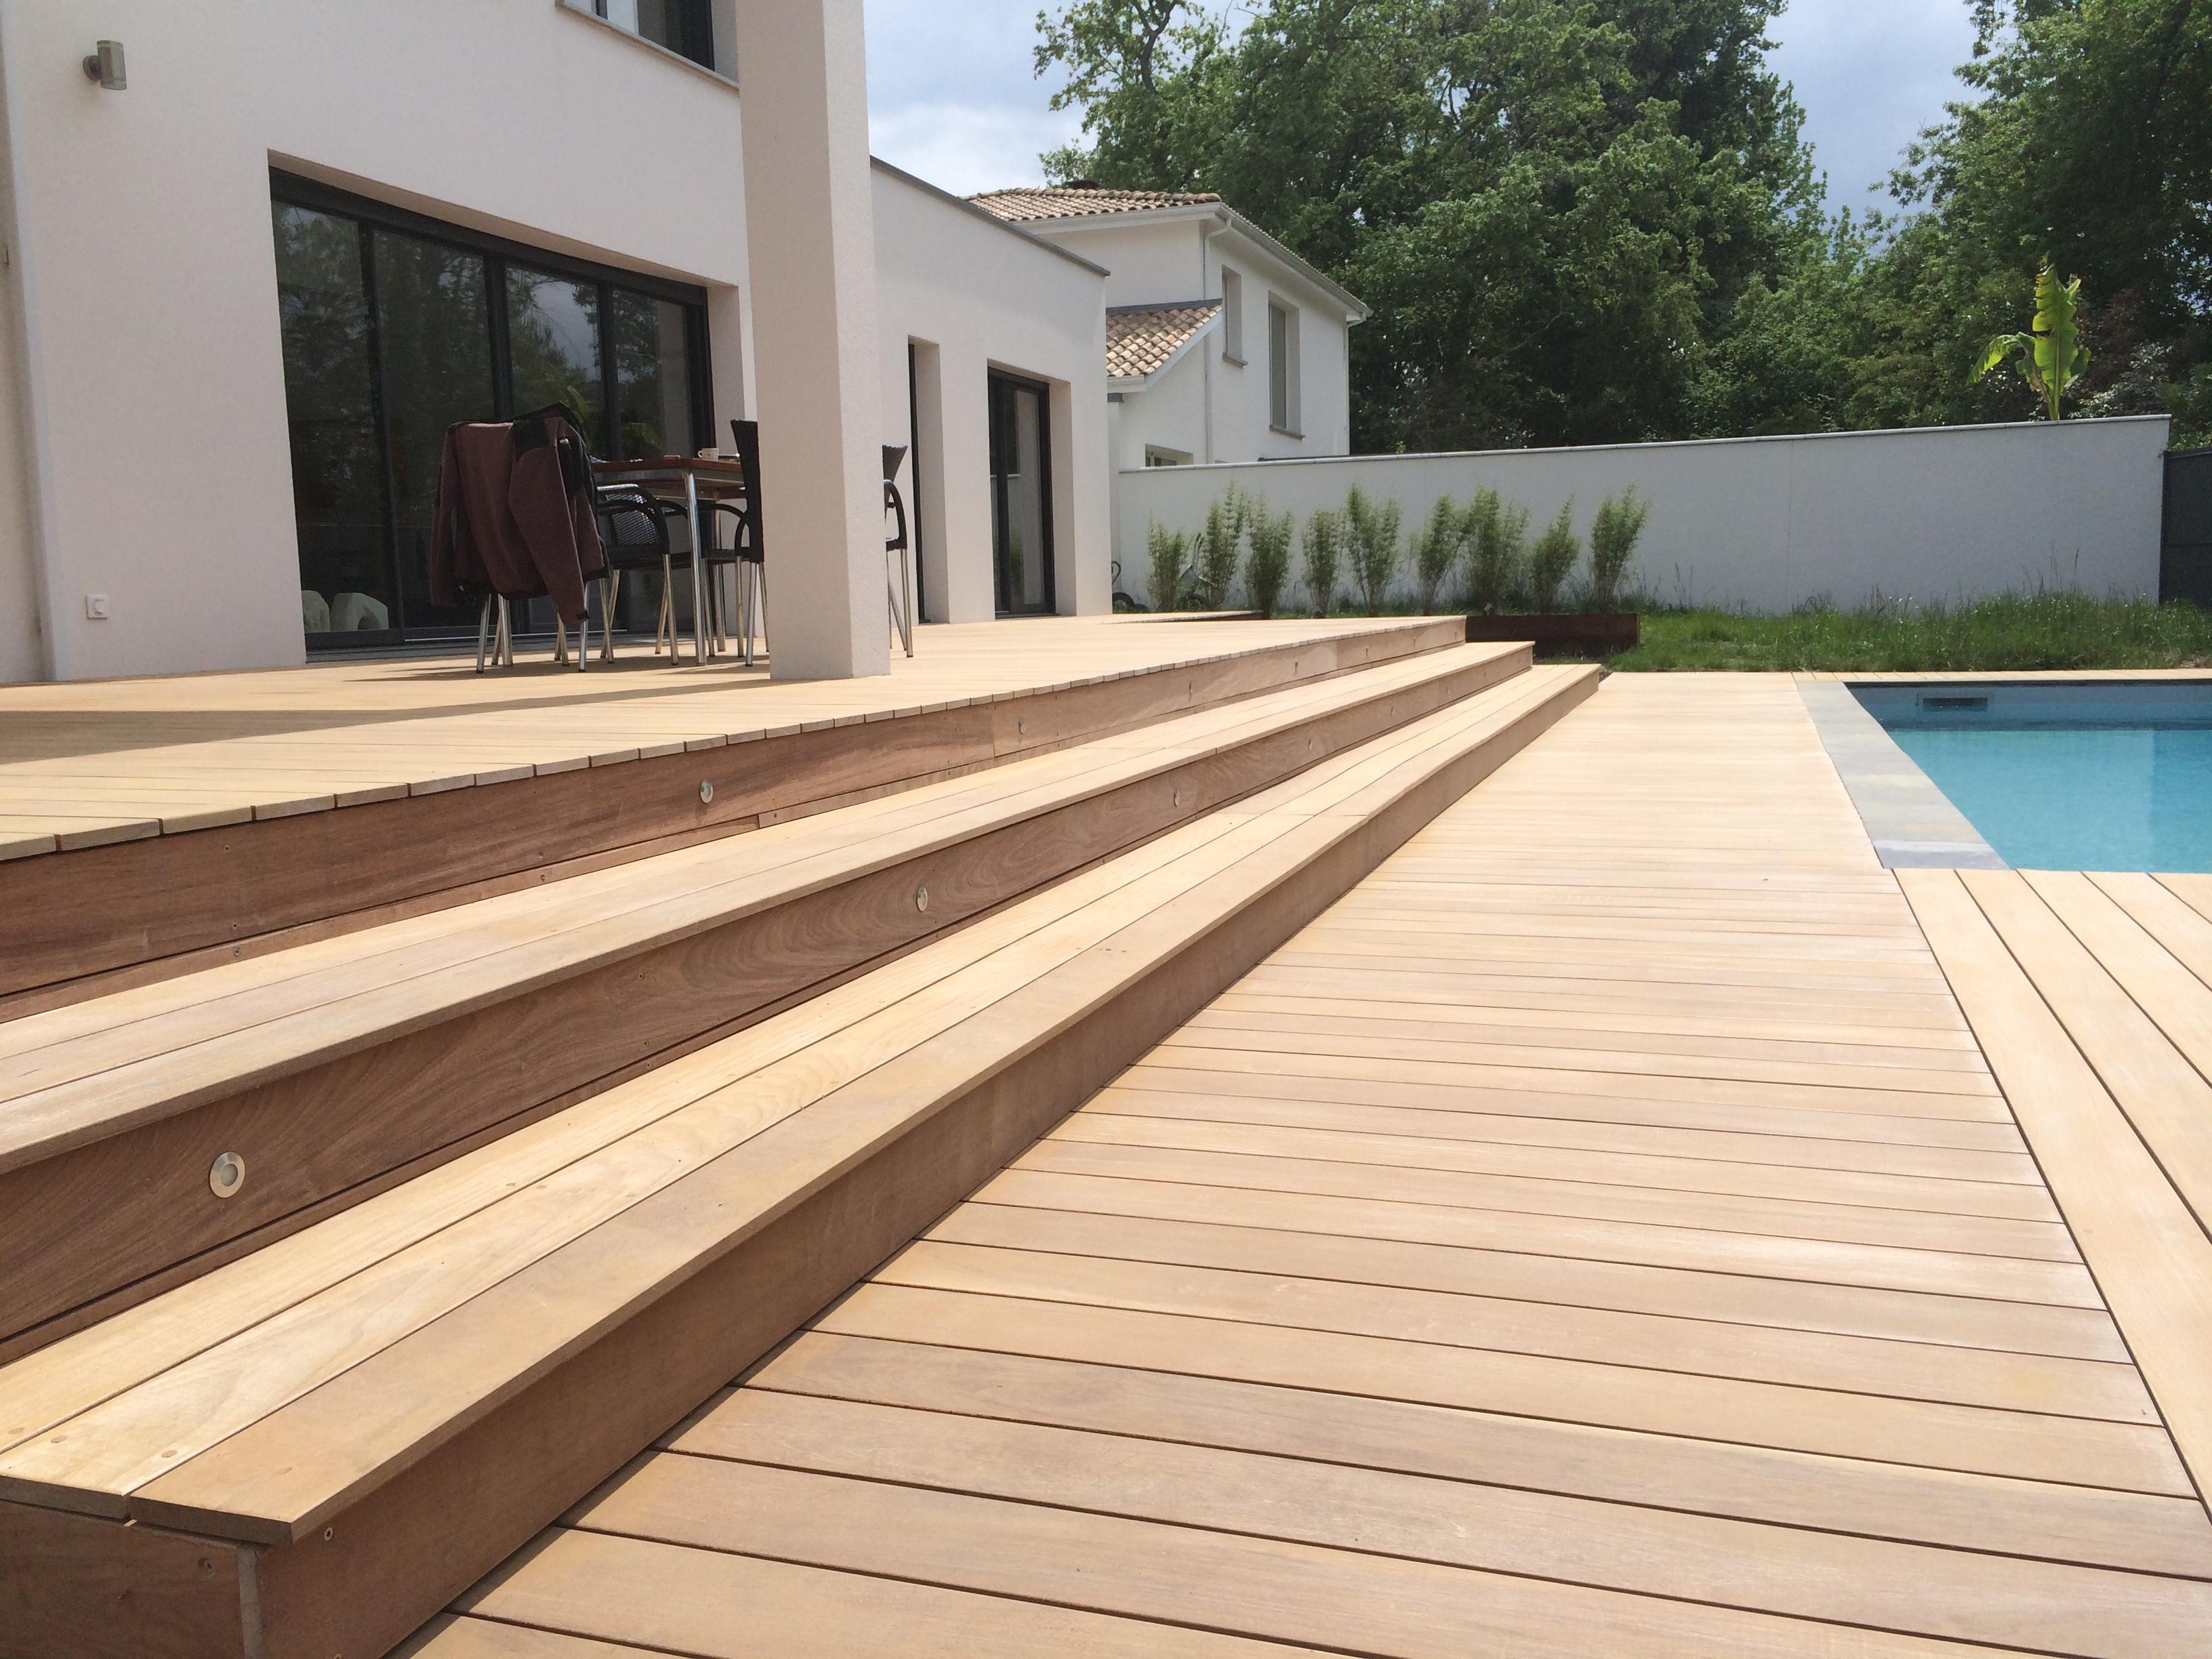 Terrasse-ipe-bordeaux-terrasse-bois-et-composite-fixations-invisibles